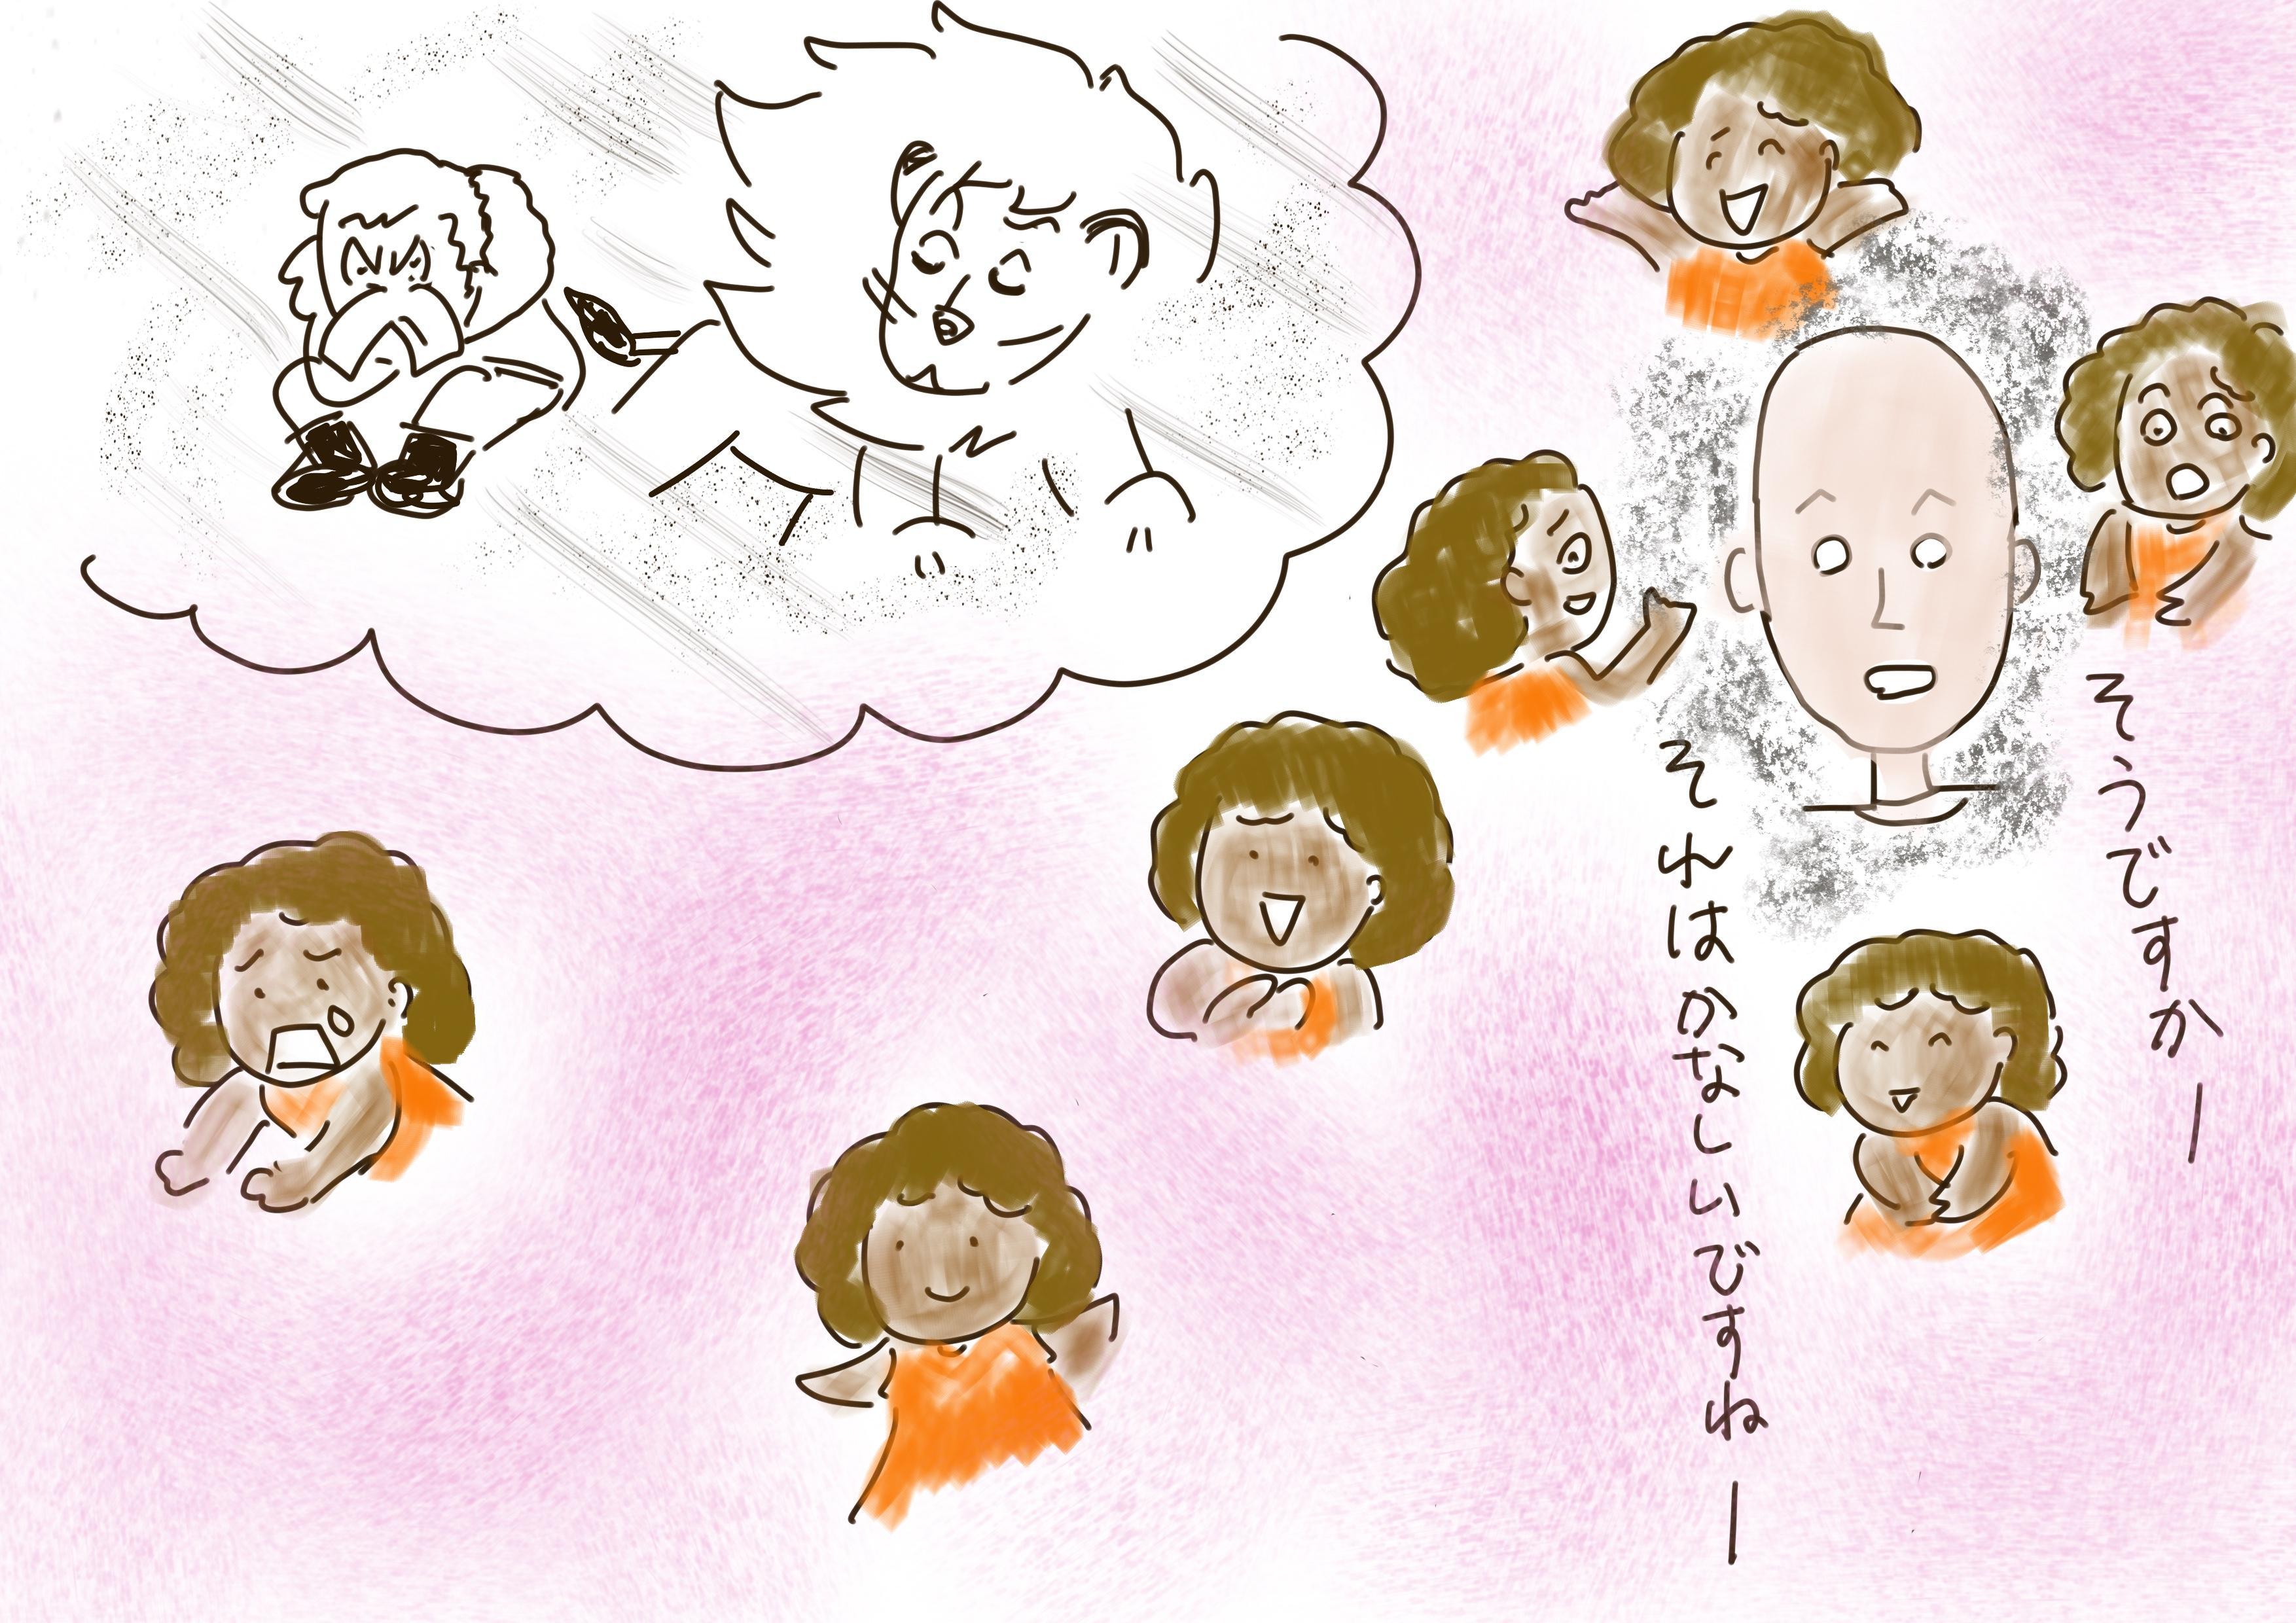 みさ日記2019/01/25「インドに行くわよ」「散歩」「年上好きの諸嬢に連絡事項」